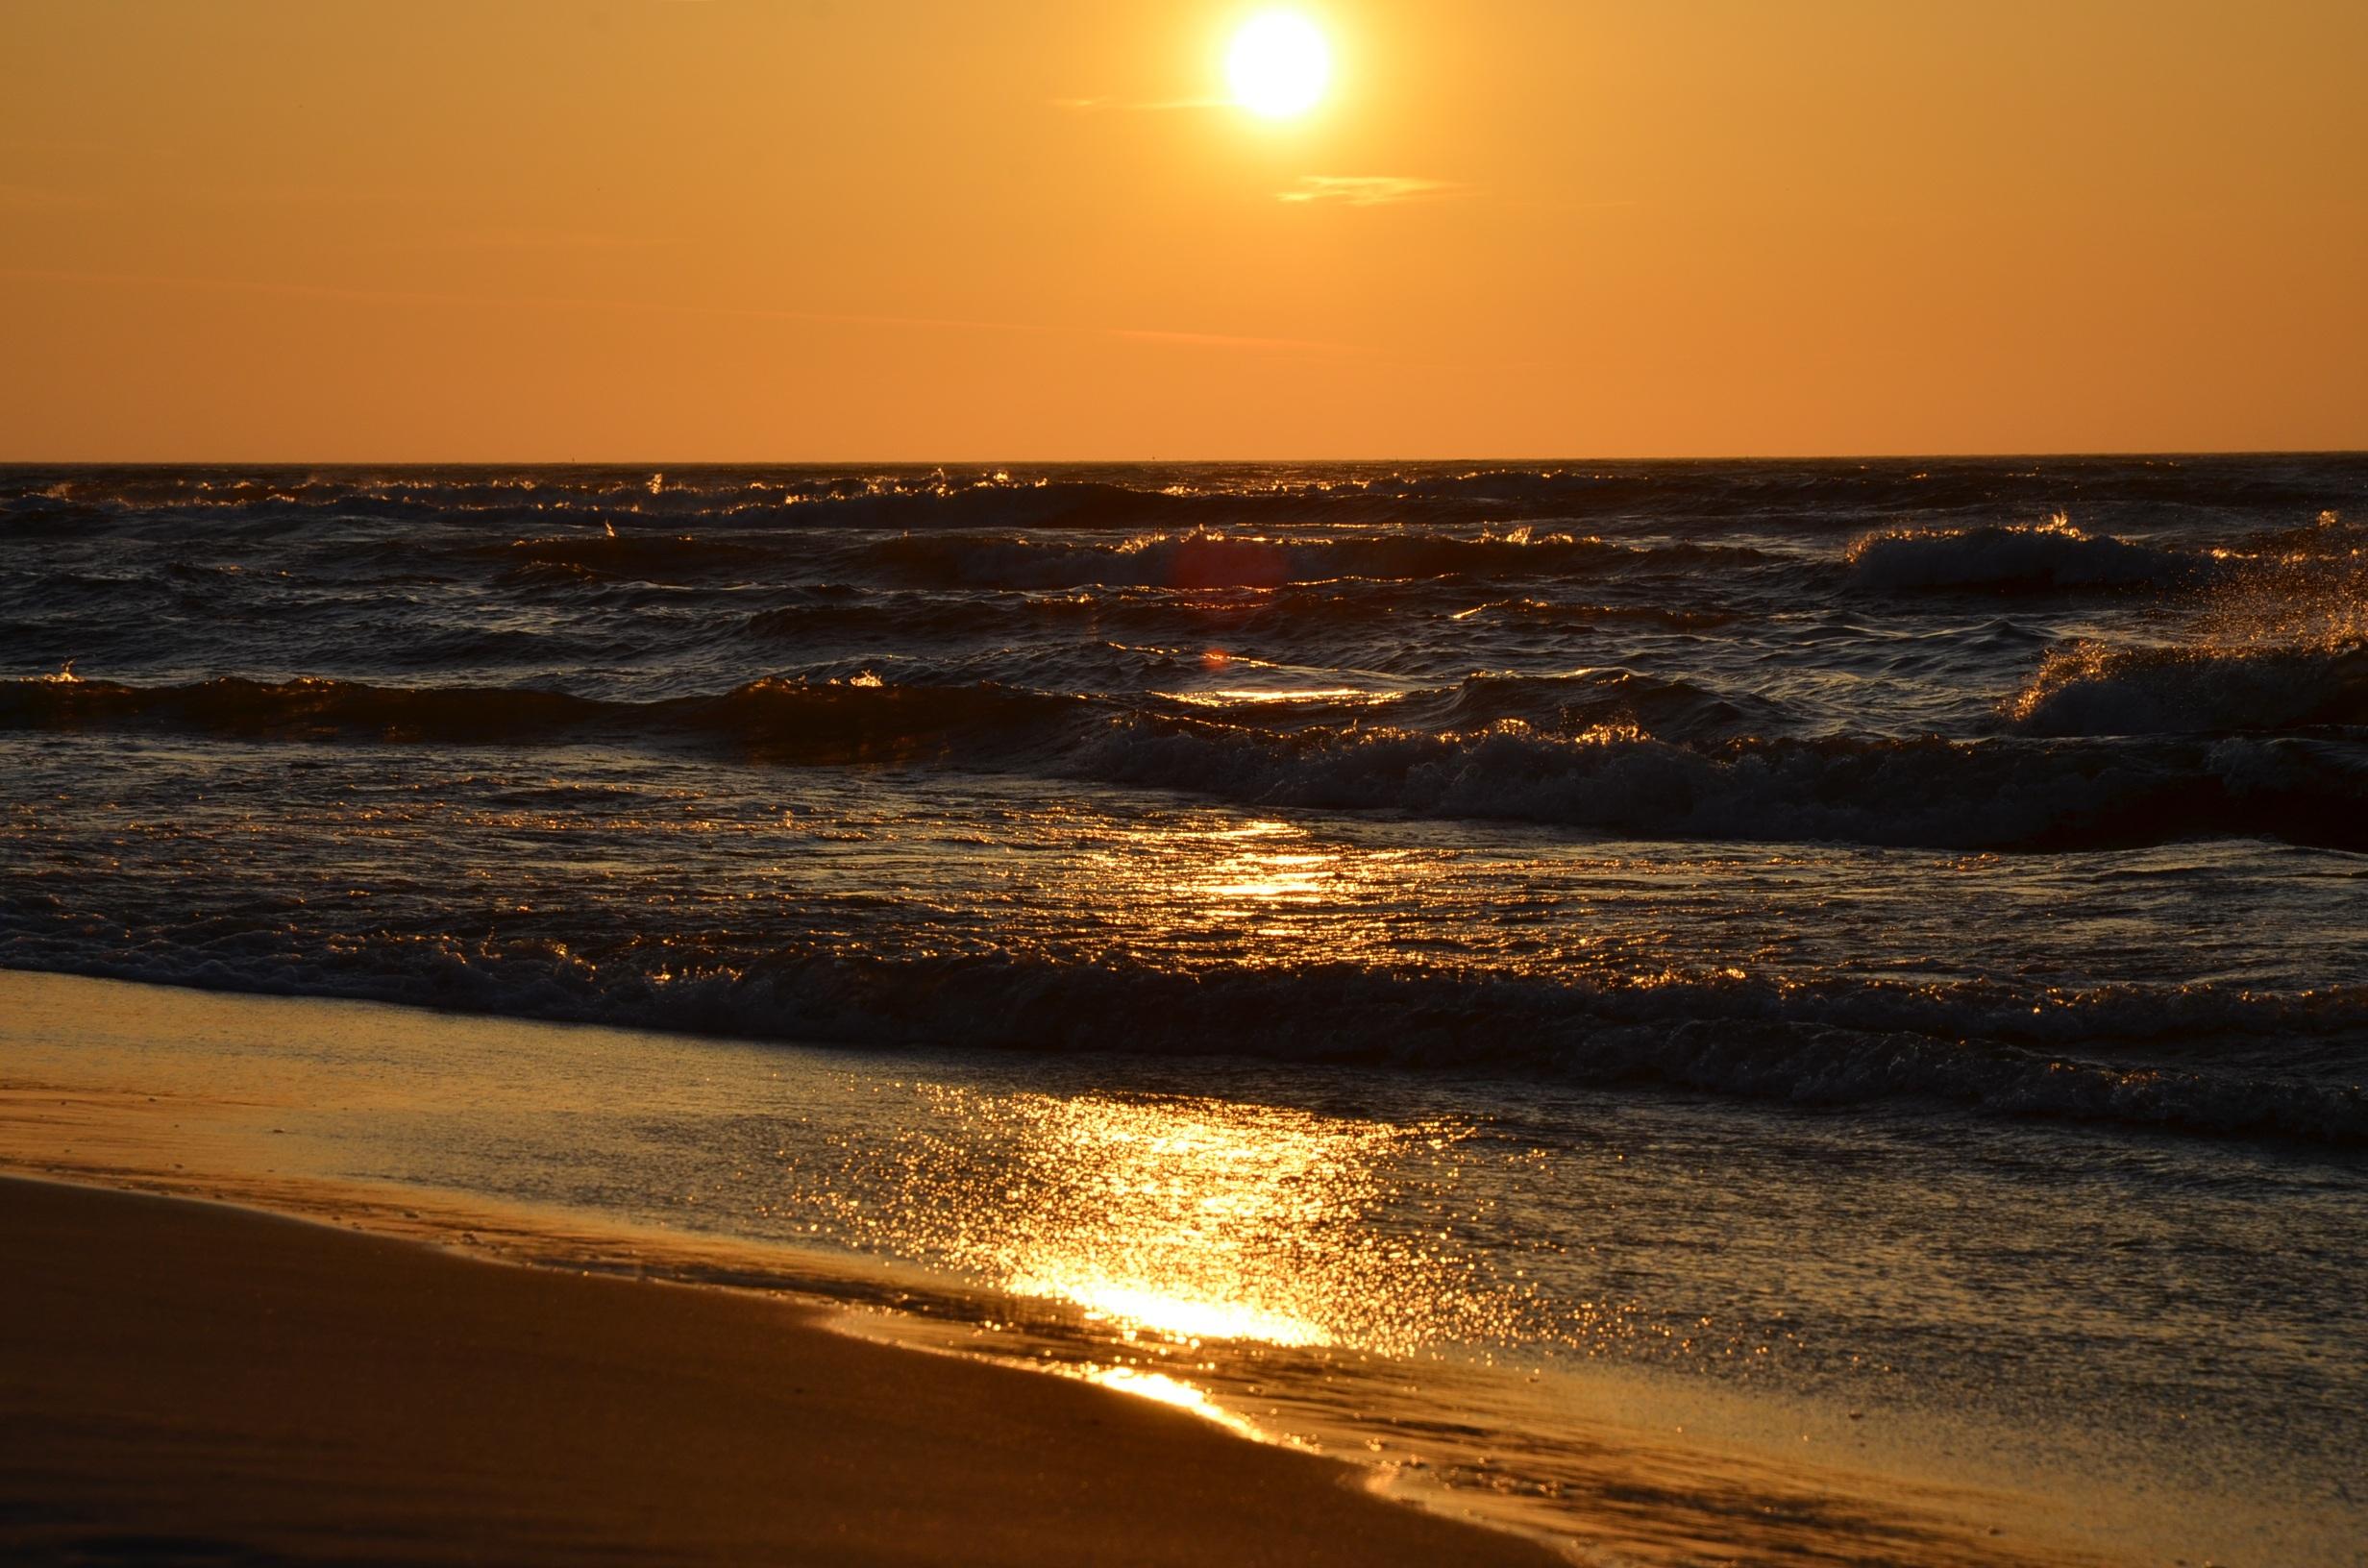 говорит, картинки закат на берегу моря ситуация